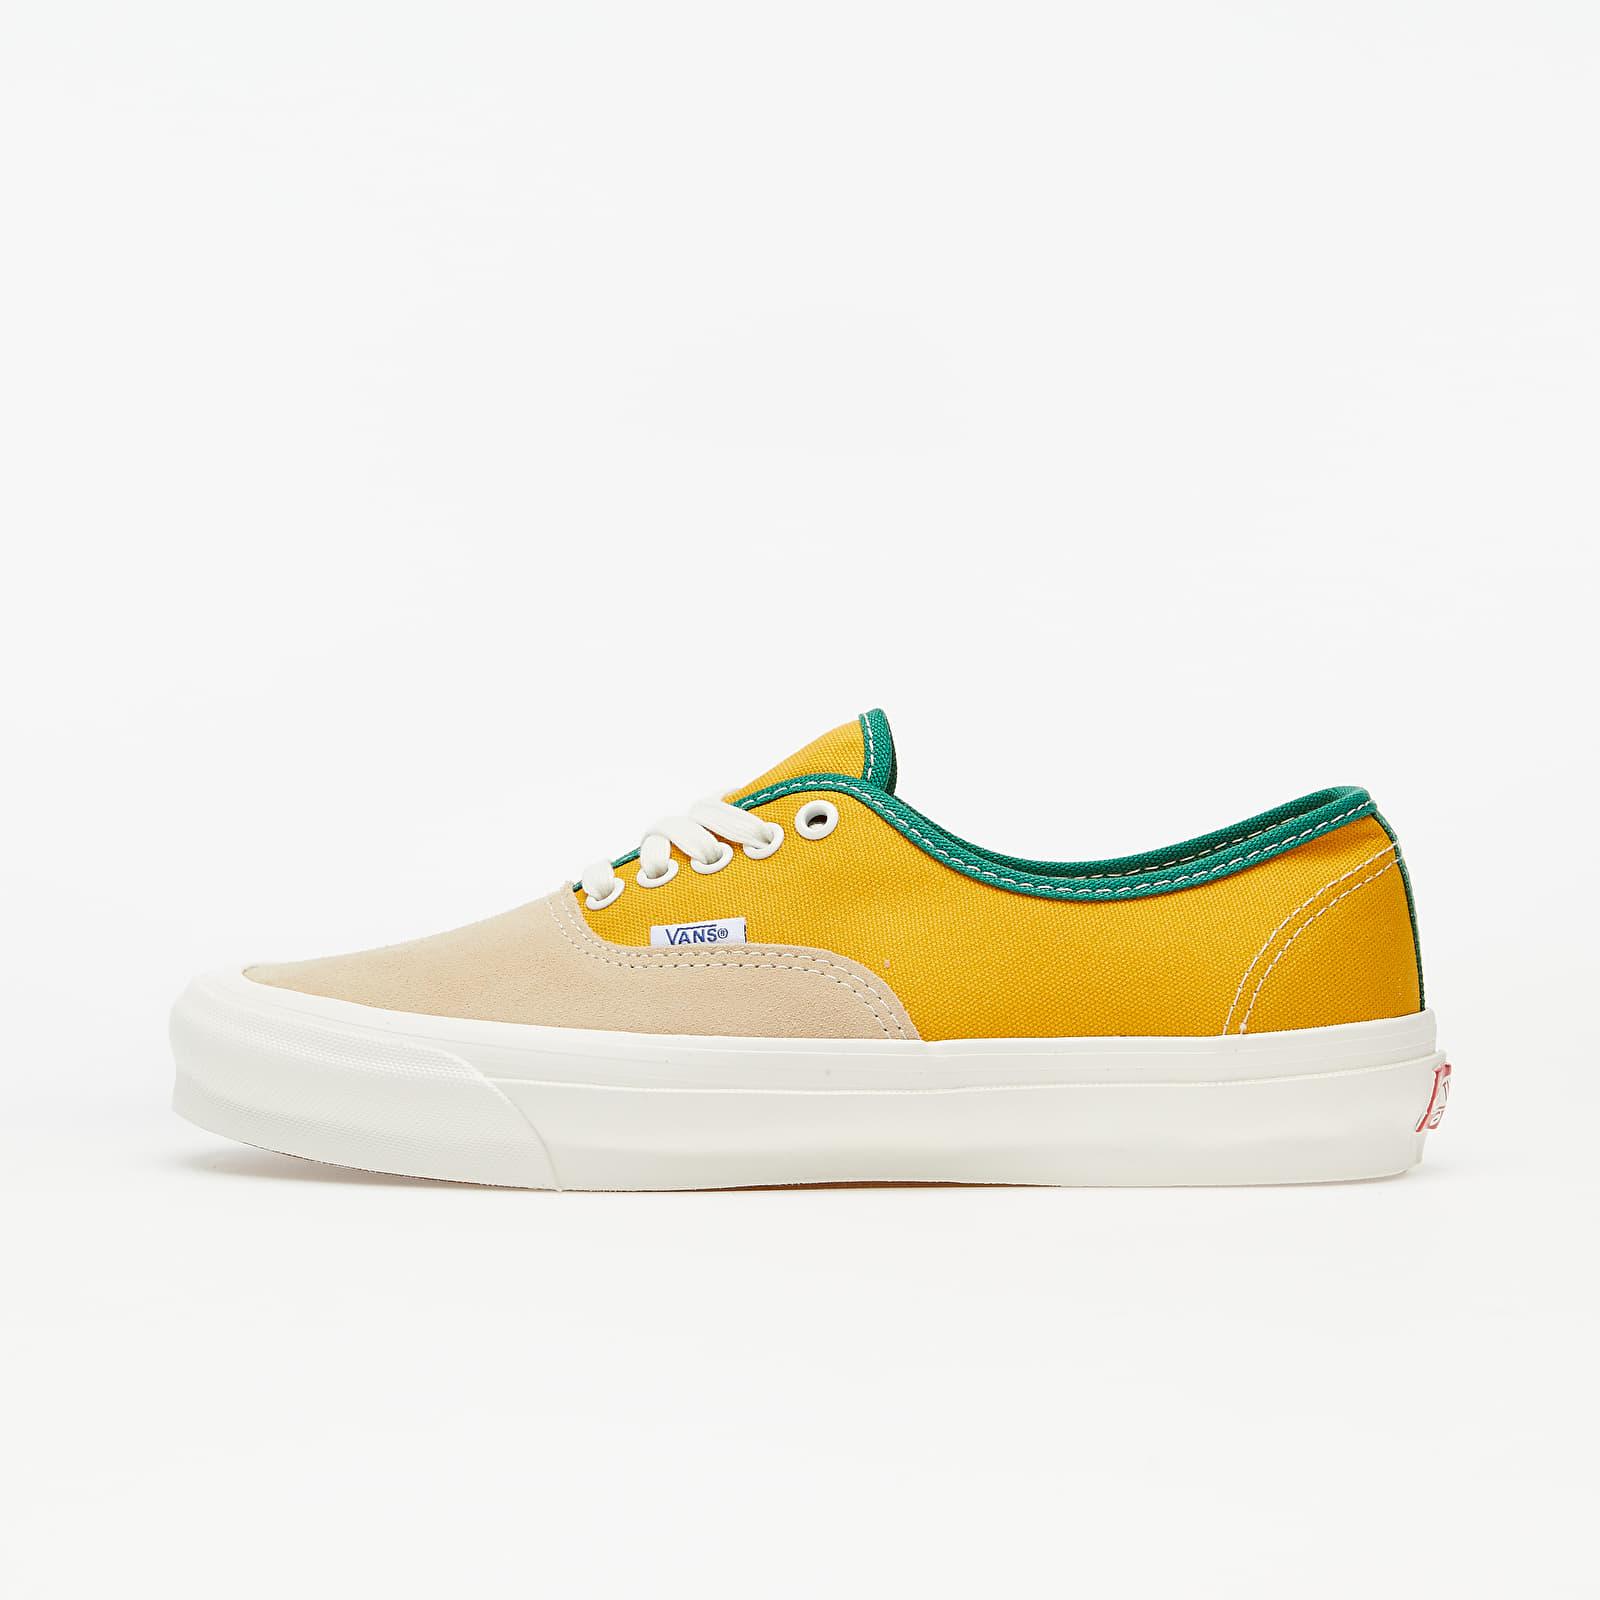 Men's shoes Vans OG Authentic LX (Suede